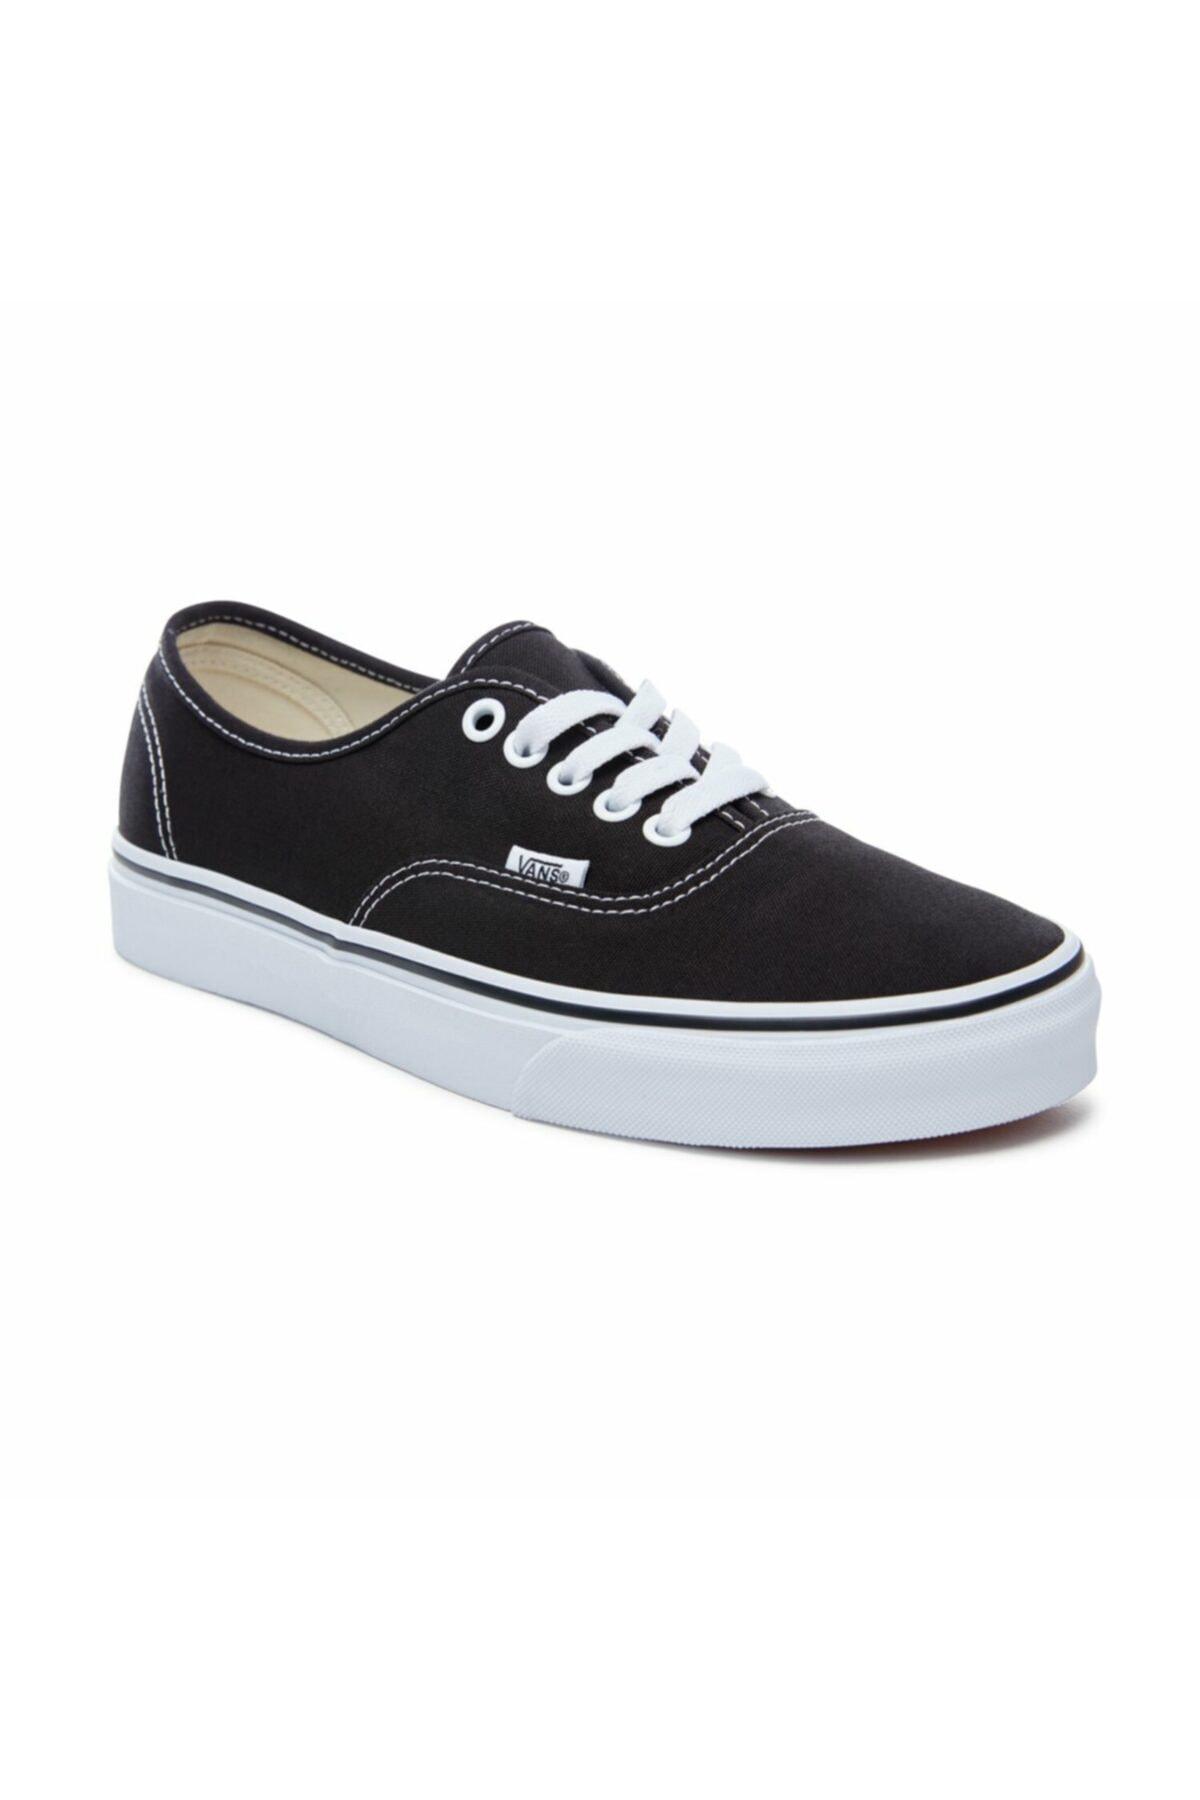 Vans AUTHENTIC Siyah Erkek Sneaker 100133092 1